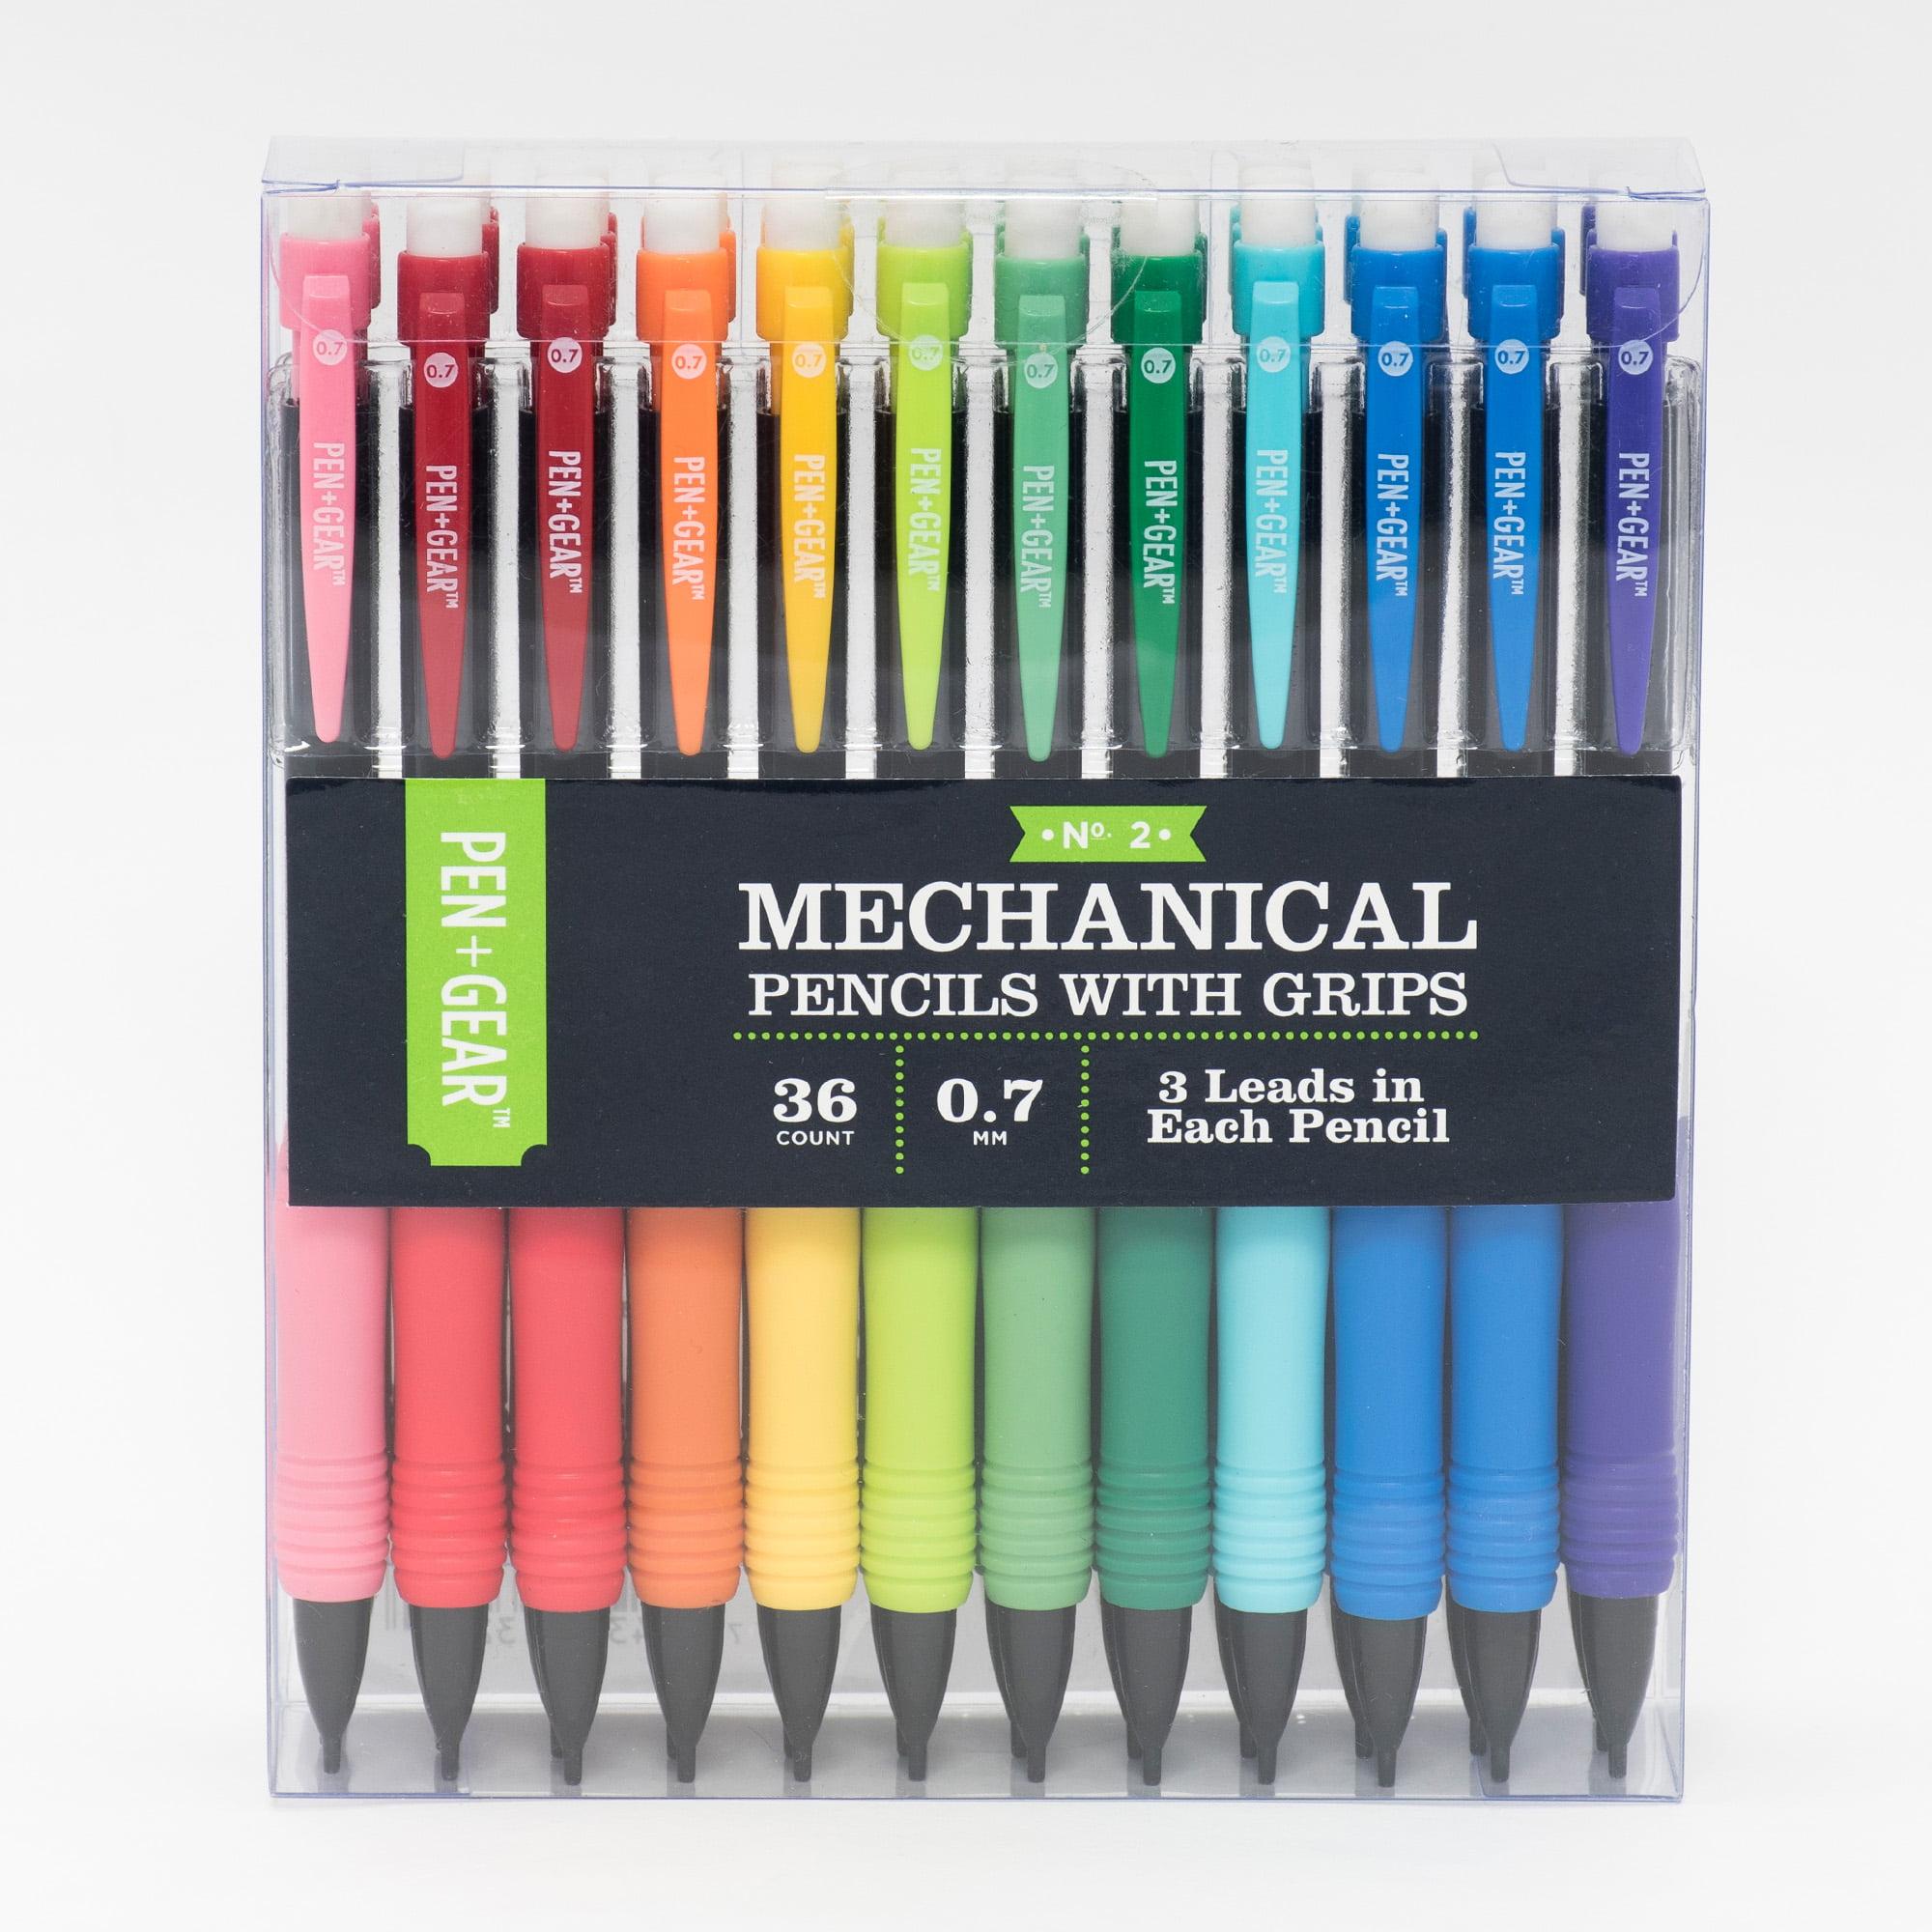 pen gear 36pk mechanical pencils with grips 0 7mm walmart com